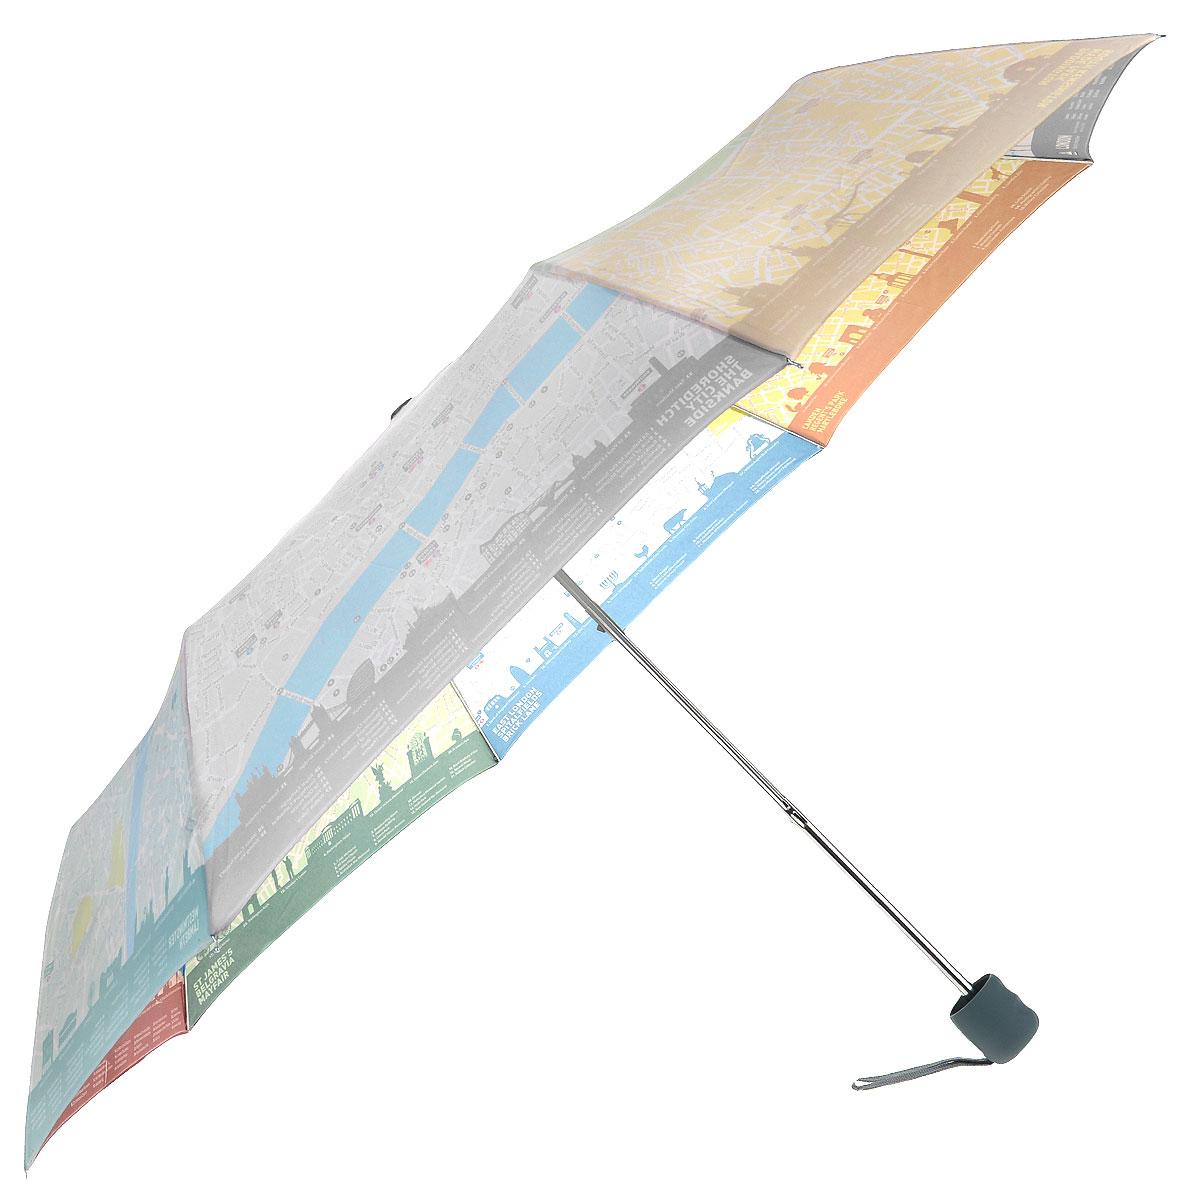 """Зонт женский Fulton London Map, механический, 3 сложения, цвет: белыйL761 3S2396Стильный складной зонт Fulton """"London Map"""" даже в ненастную погоду позволит вам оставаться женственной и элегантной. """"Ветростойкий"""" стальной каркас зонта в 3 сложения состоит из восьми металлических спиц, стержень изготовлен из стали. Зонт оснащен удобной рукояткой из прорезиненного пластика. Купол зонта выполнен из прочного полиэстера белого цвета и с внутренней стороны оформлен изображением карты Лондона. На рукоятке для удобства есть небольшой шнурок, позволяющий надеть зонт на руку тогда, когда это будет необходимо. К зонту прилагается чехол. Зонт механического сложения: купол открывается и закрывается вручную, стержень также складывается вручную до характерного щелчка."""